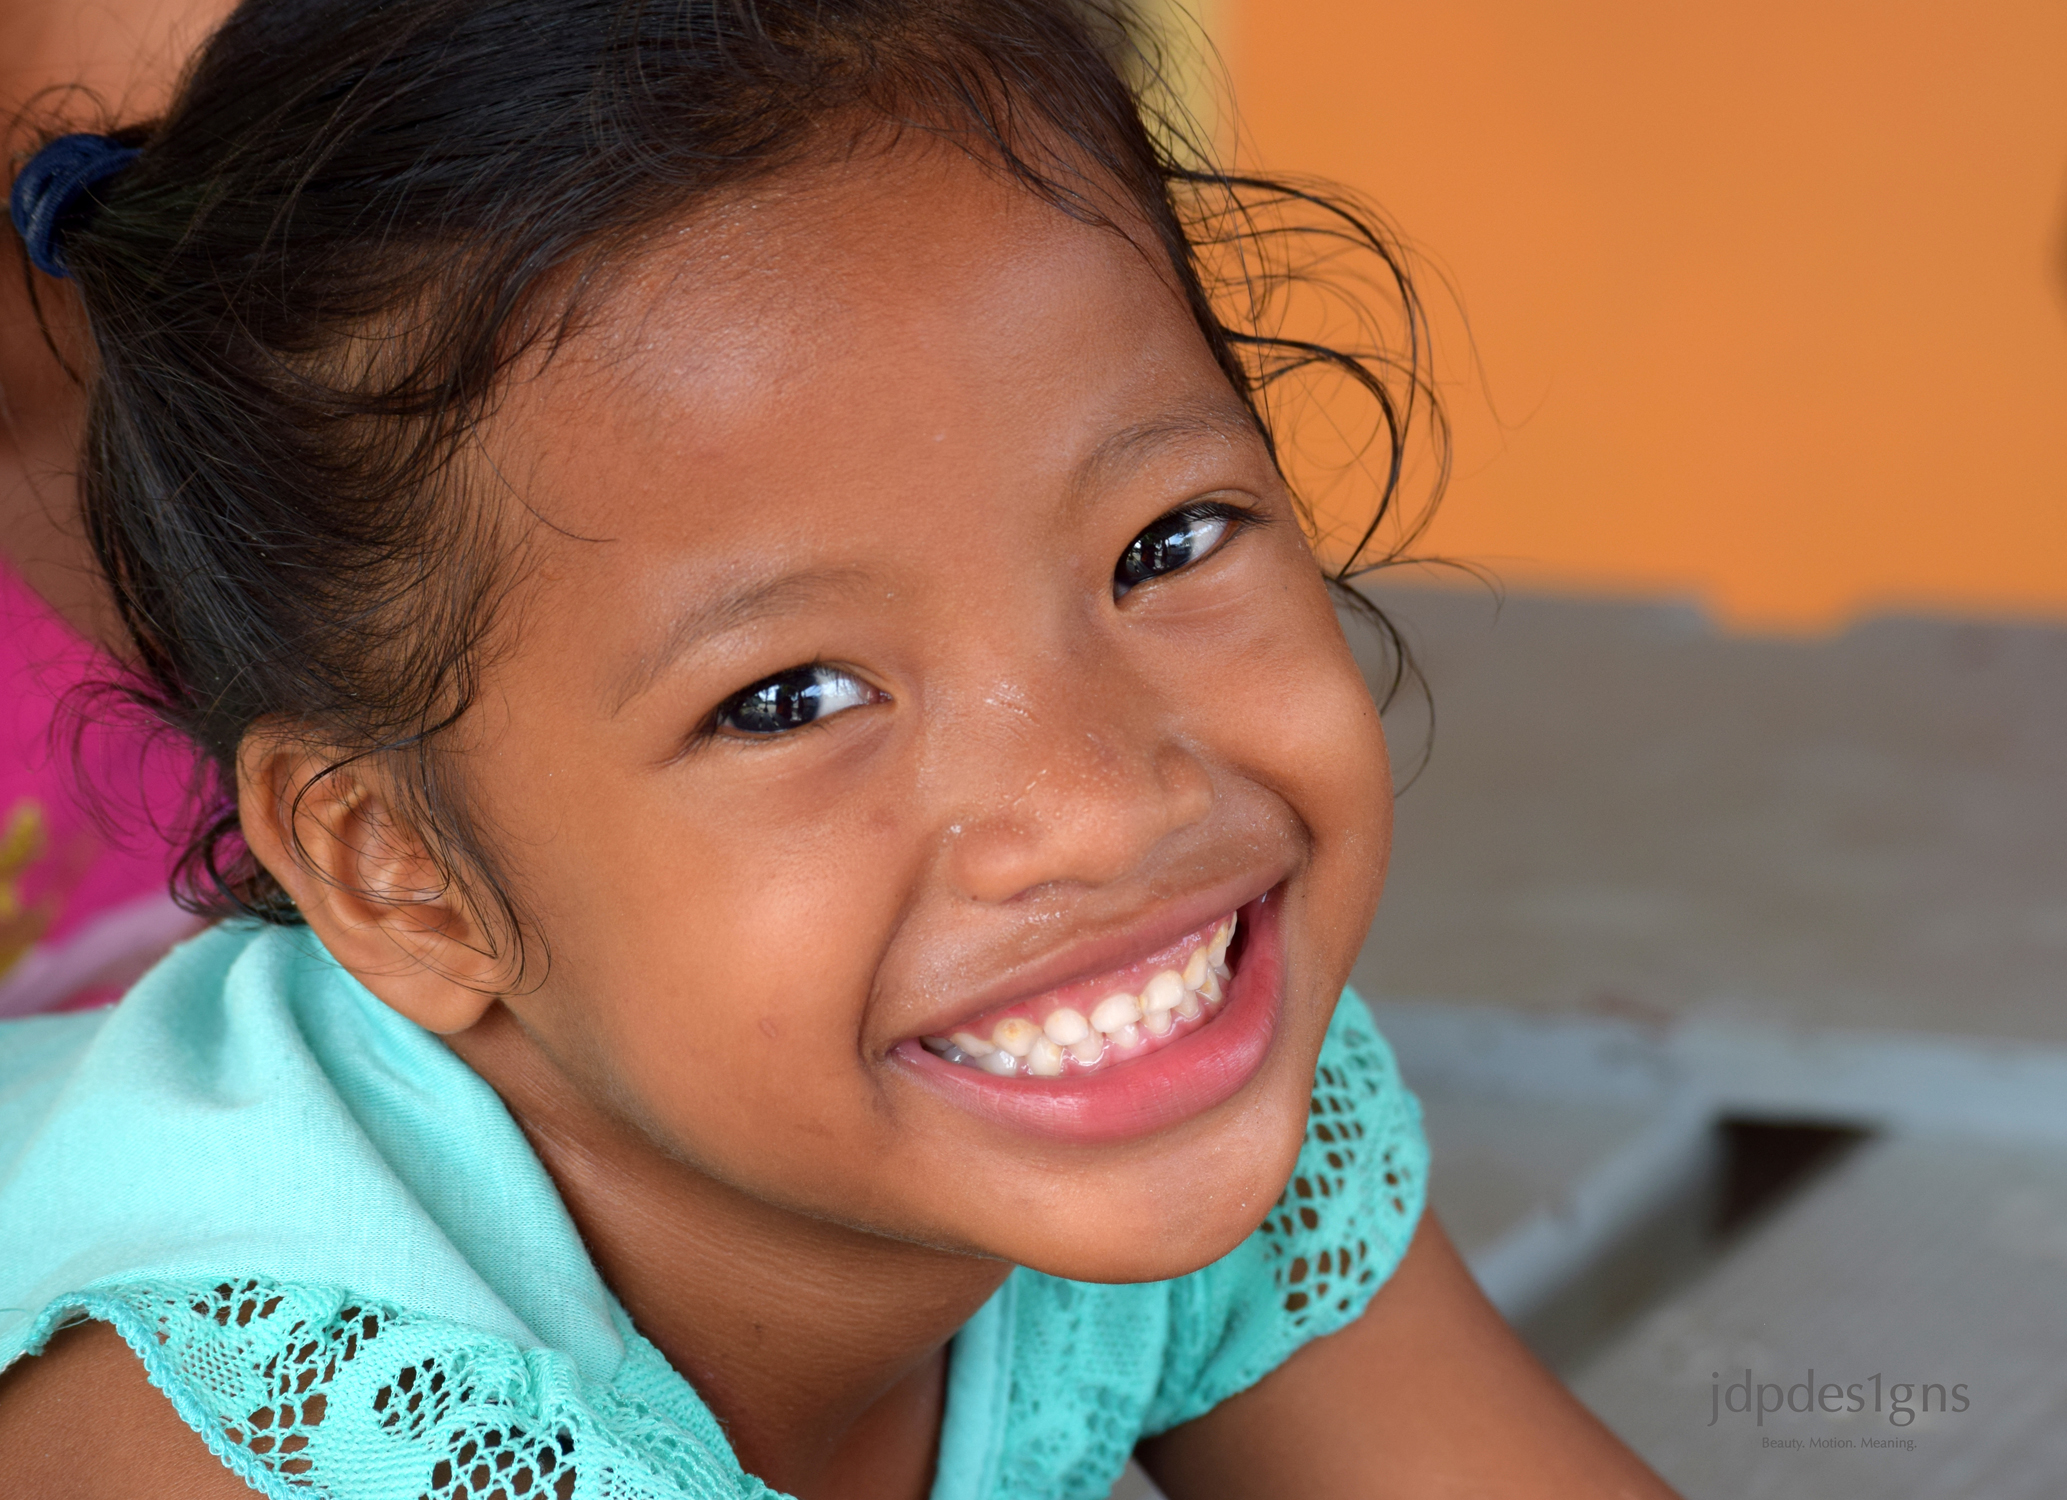 Green Shirt Little Girl Smile Resize.jpg